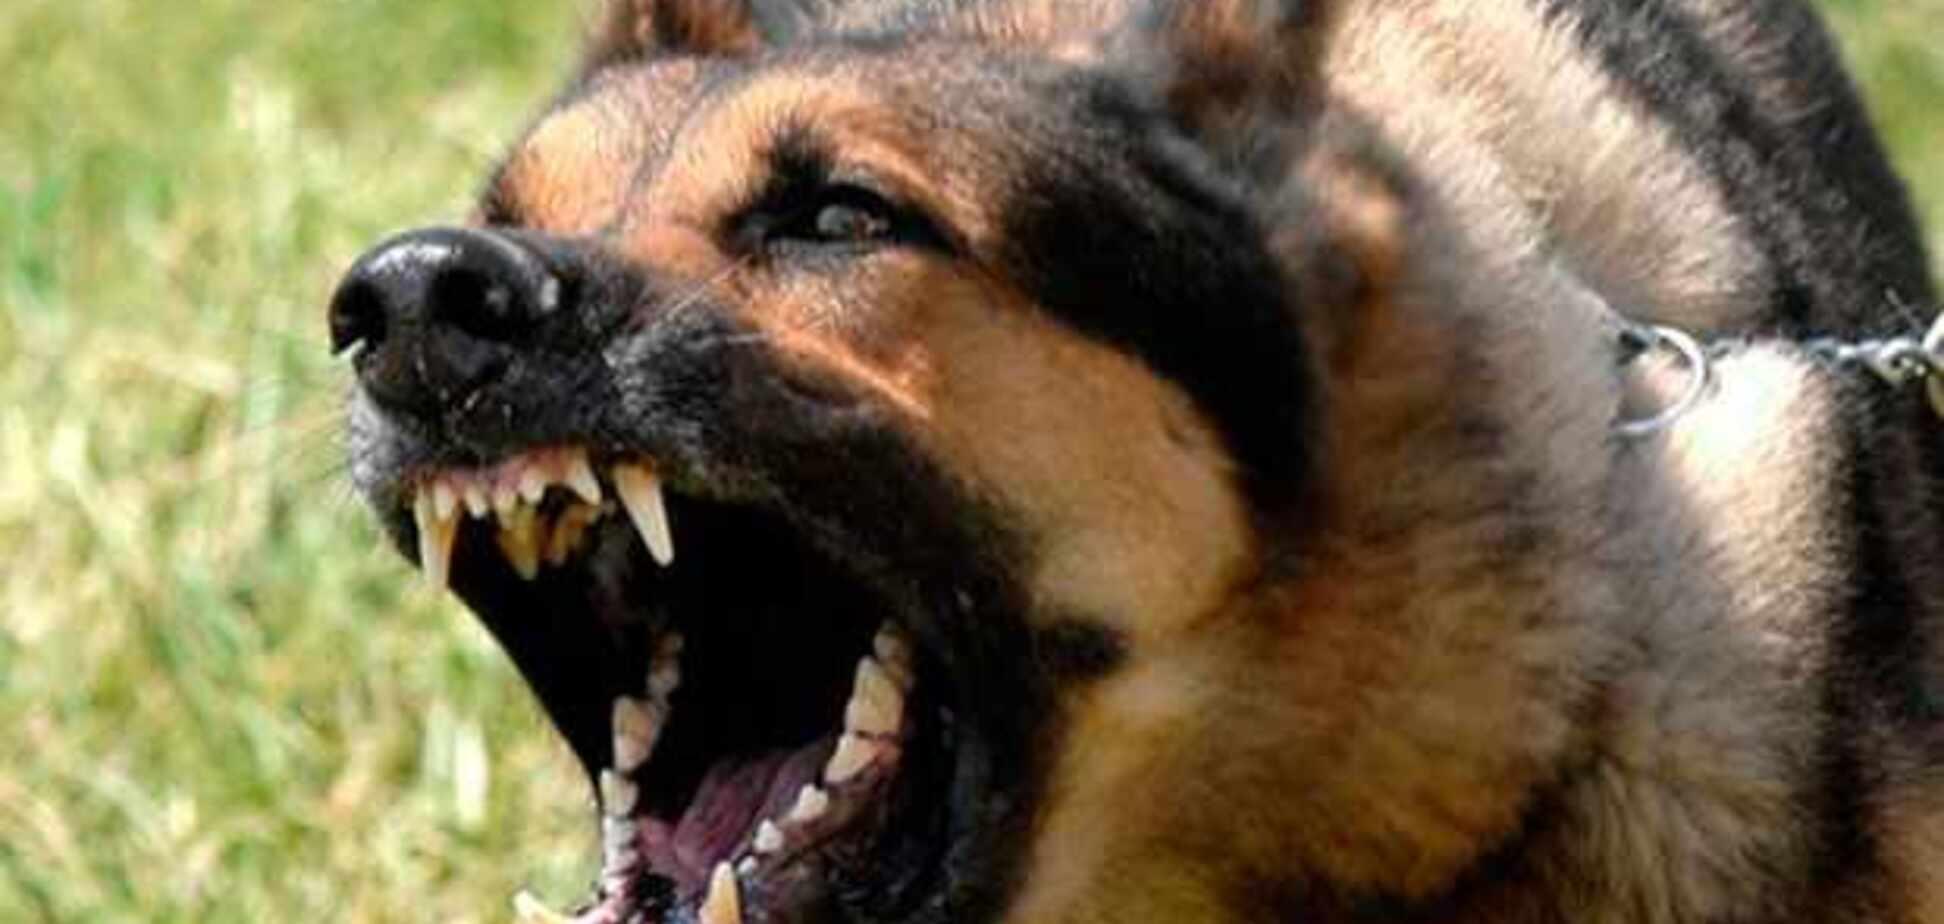 Екополіція і штрафи: в Україні готують неприємний сюрприз власникам тварин